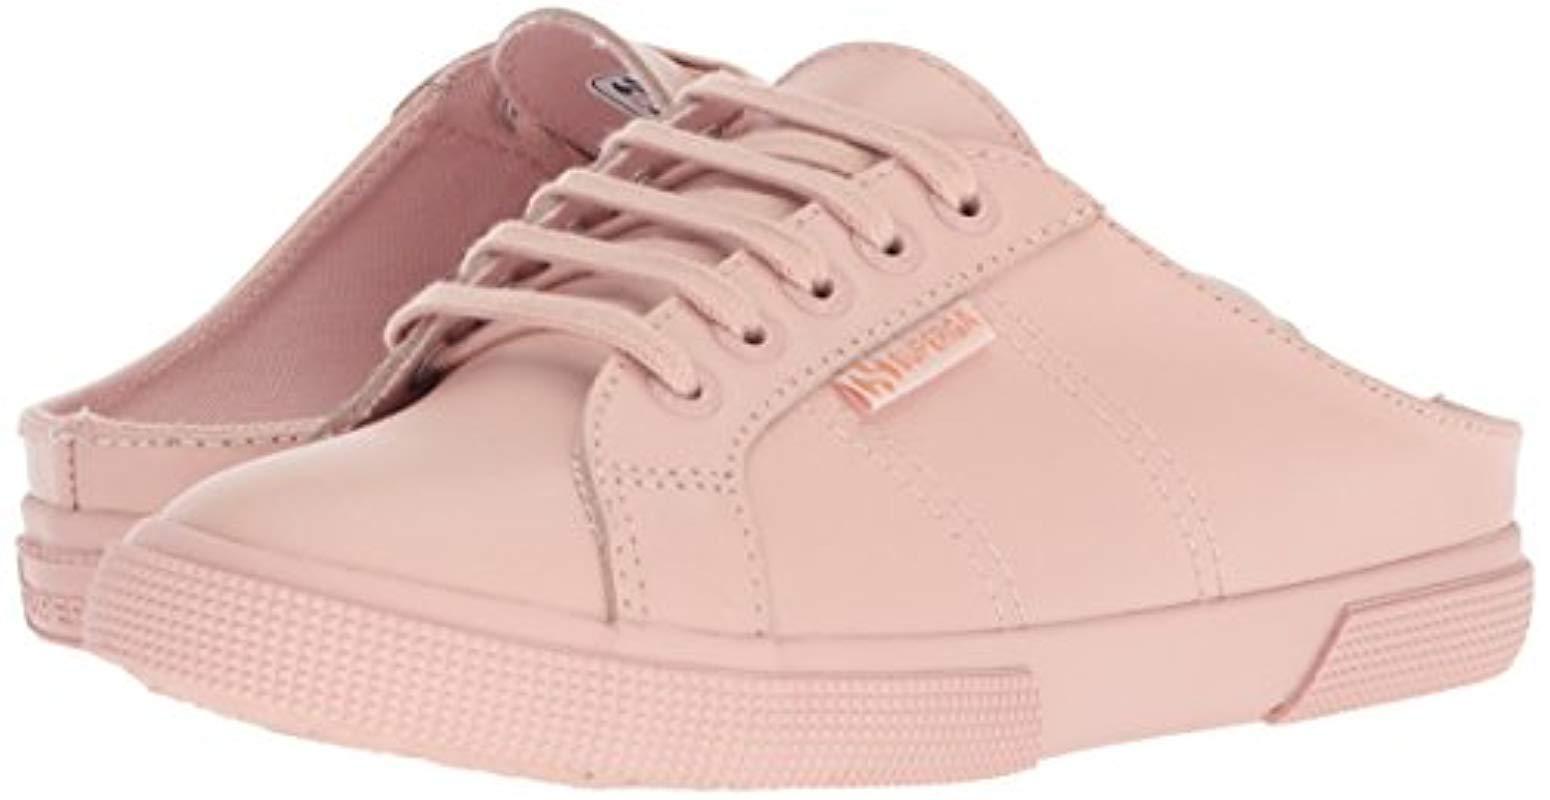 127d066282cb0 Women's Pink 2288 Fglw Sneaker